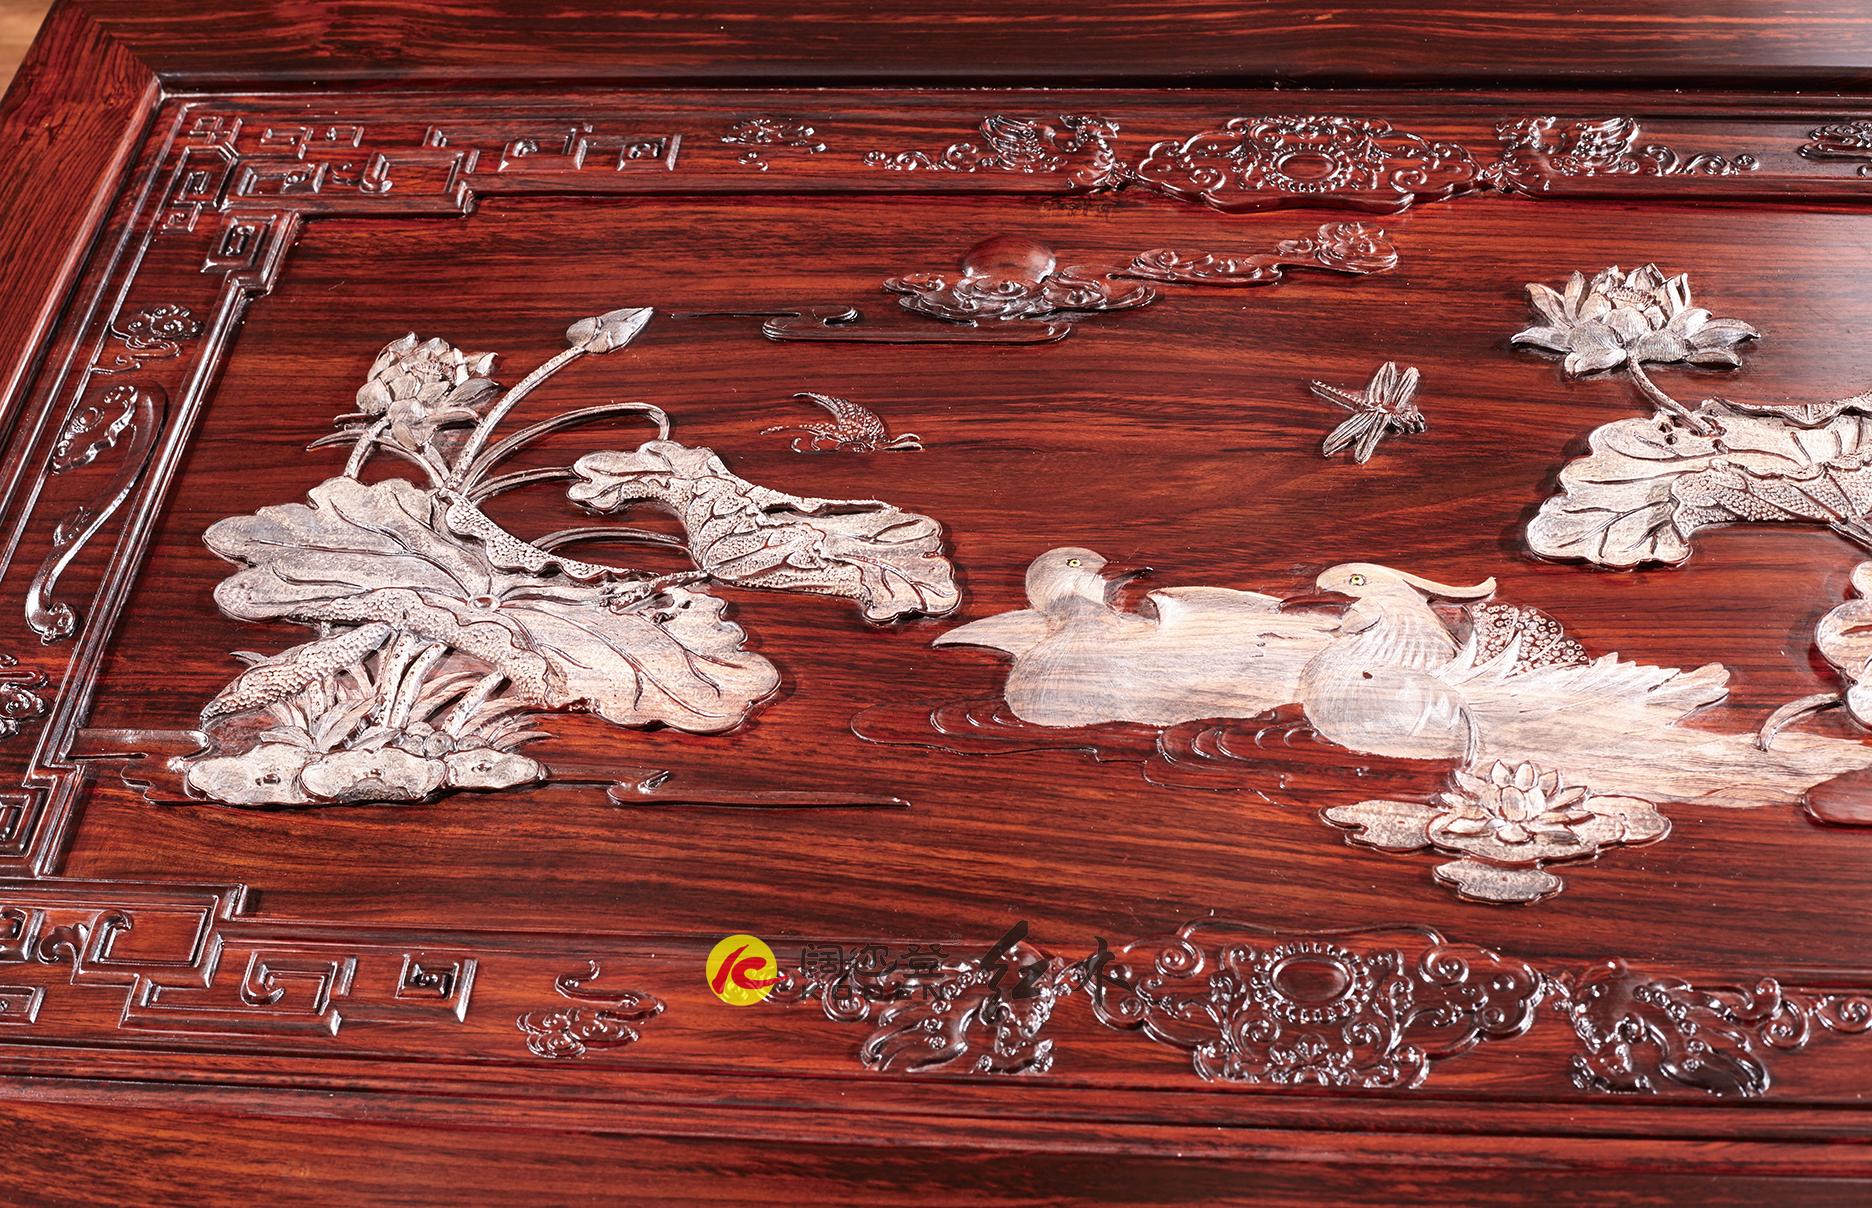 阔叶黄檀-CZ-1.53米荷花餐台细节